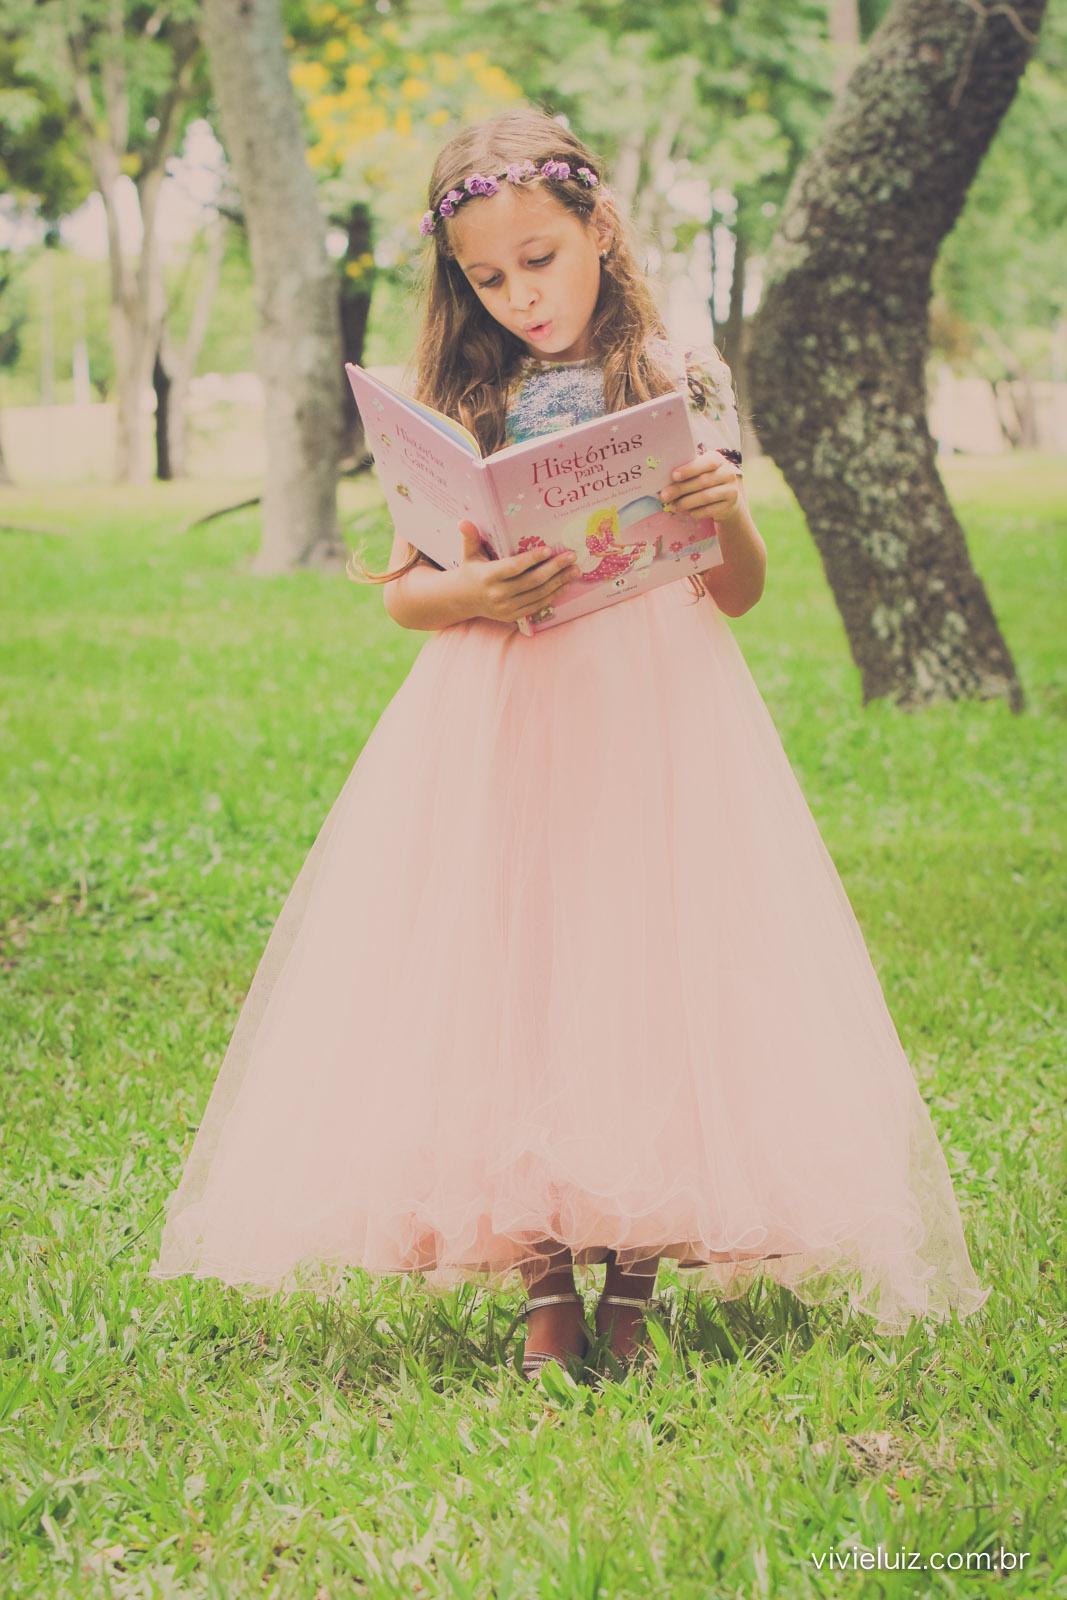 menina com vestido rosa lendo livro em parque verde